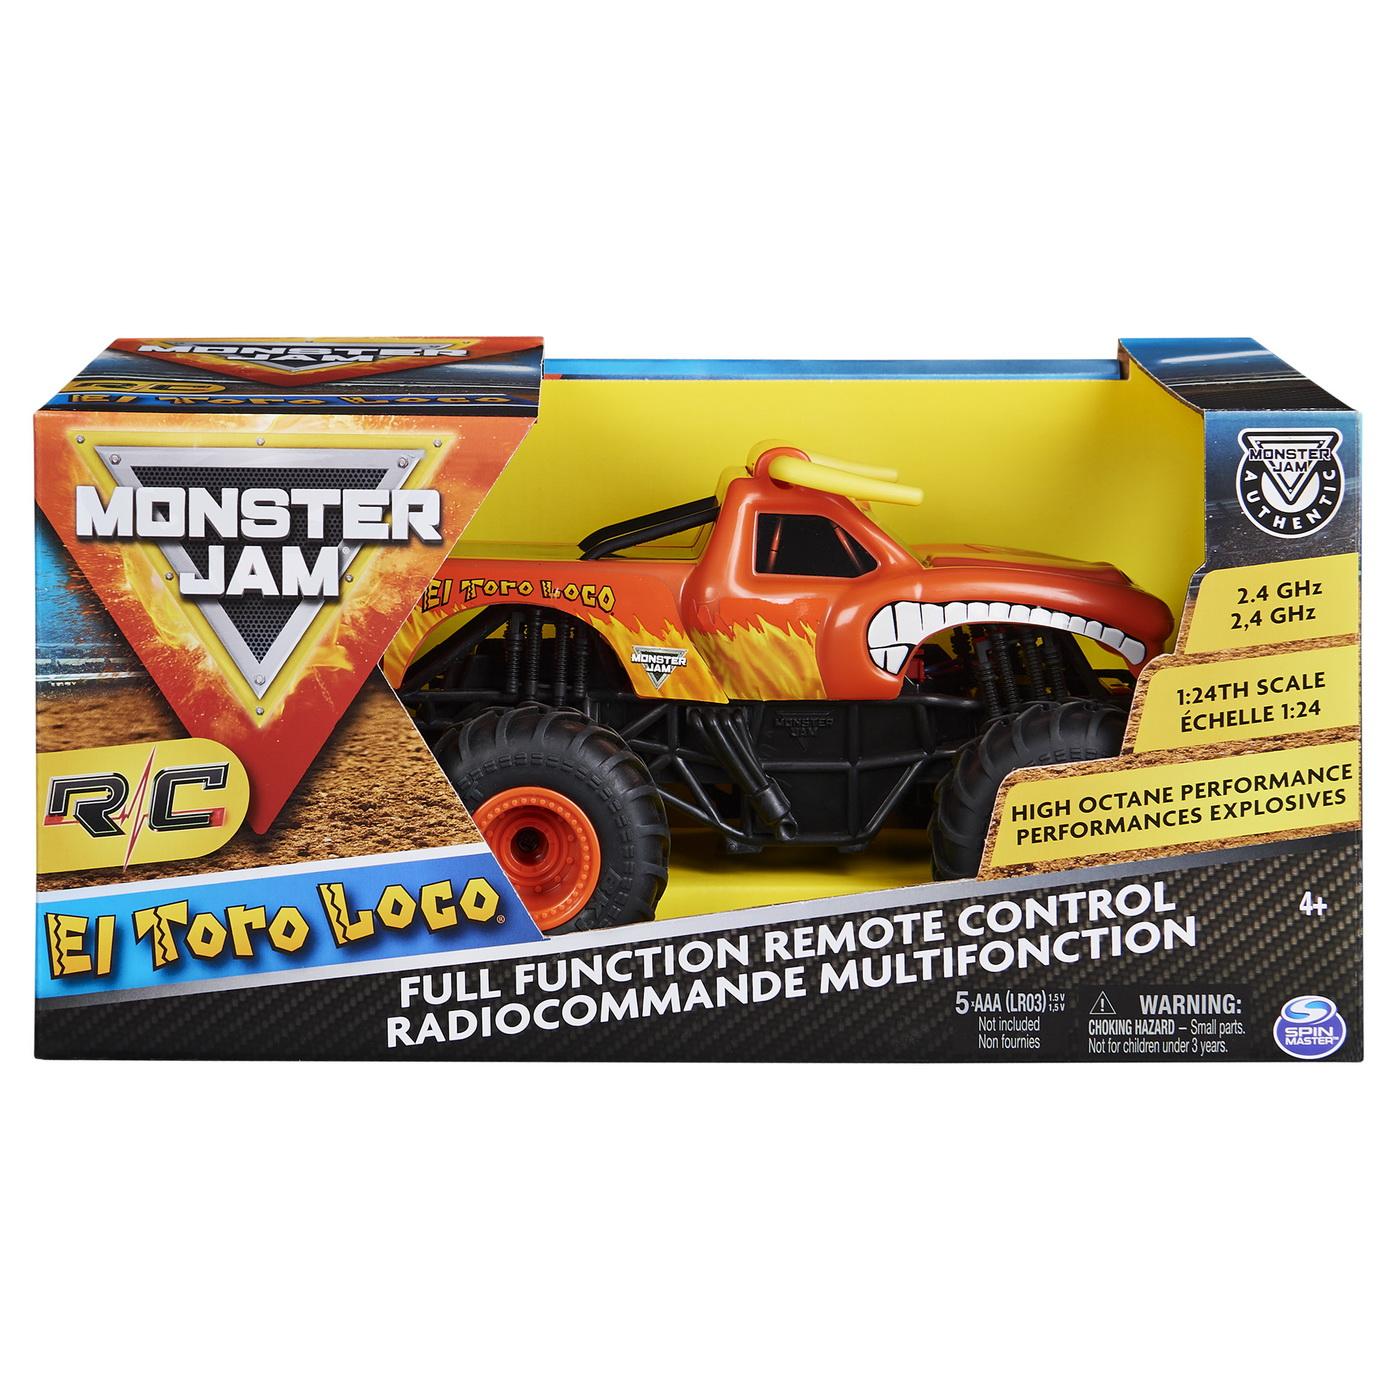 Monster jam rc masinuta el toro loco scara 1:24